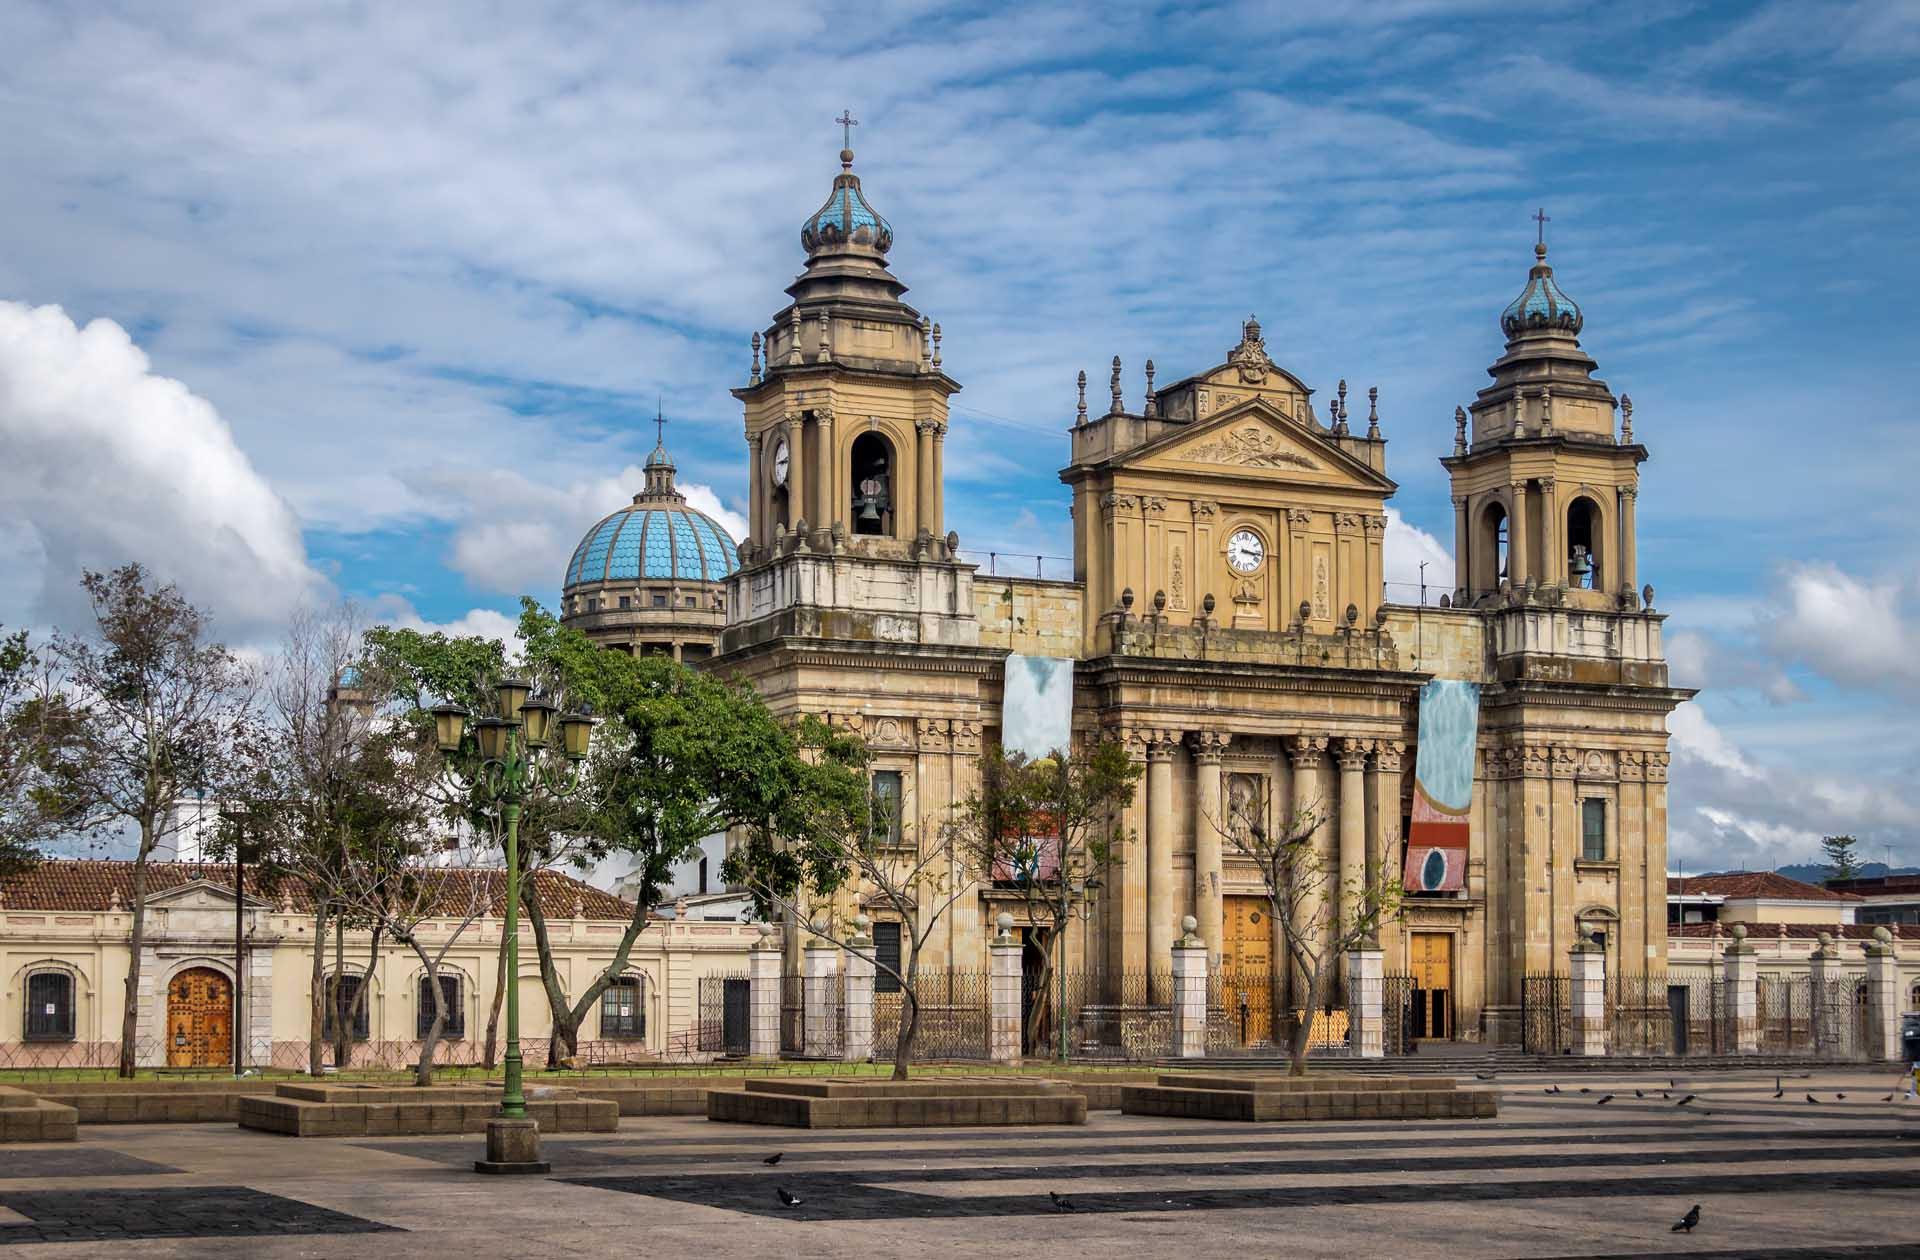 City of Guatemala